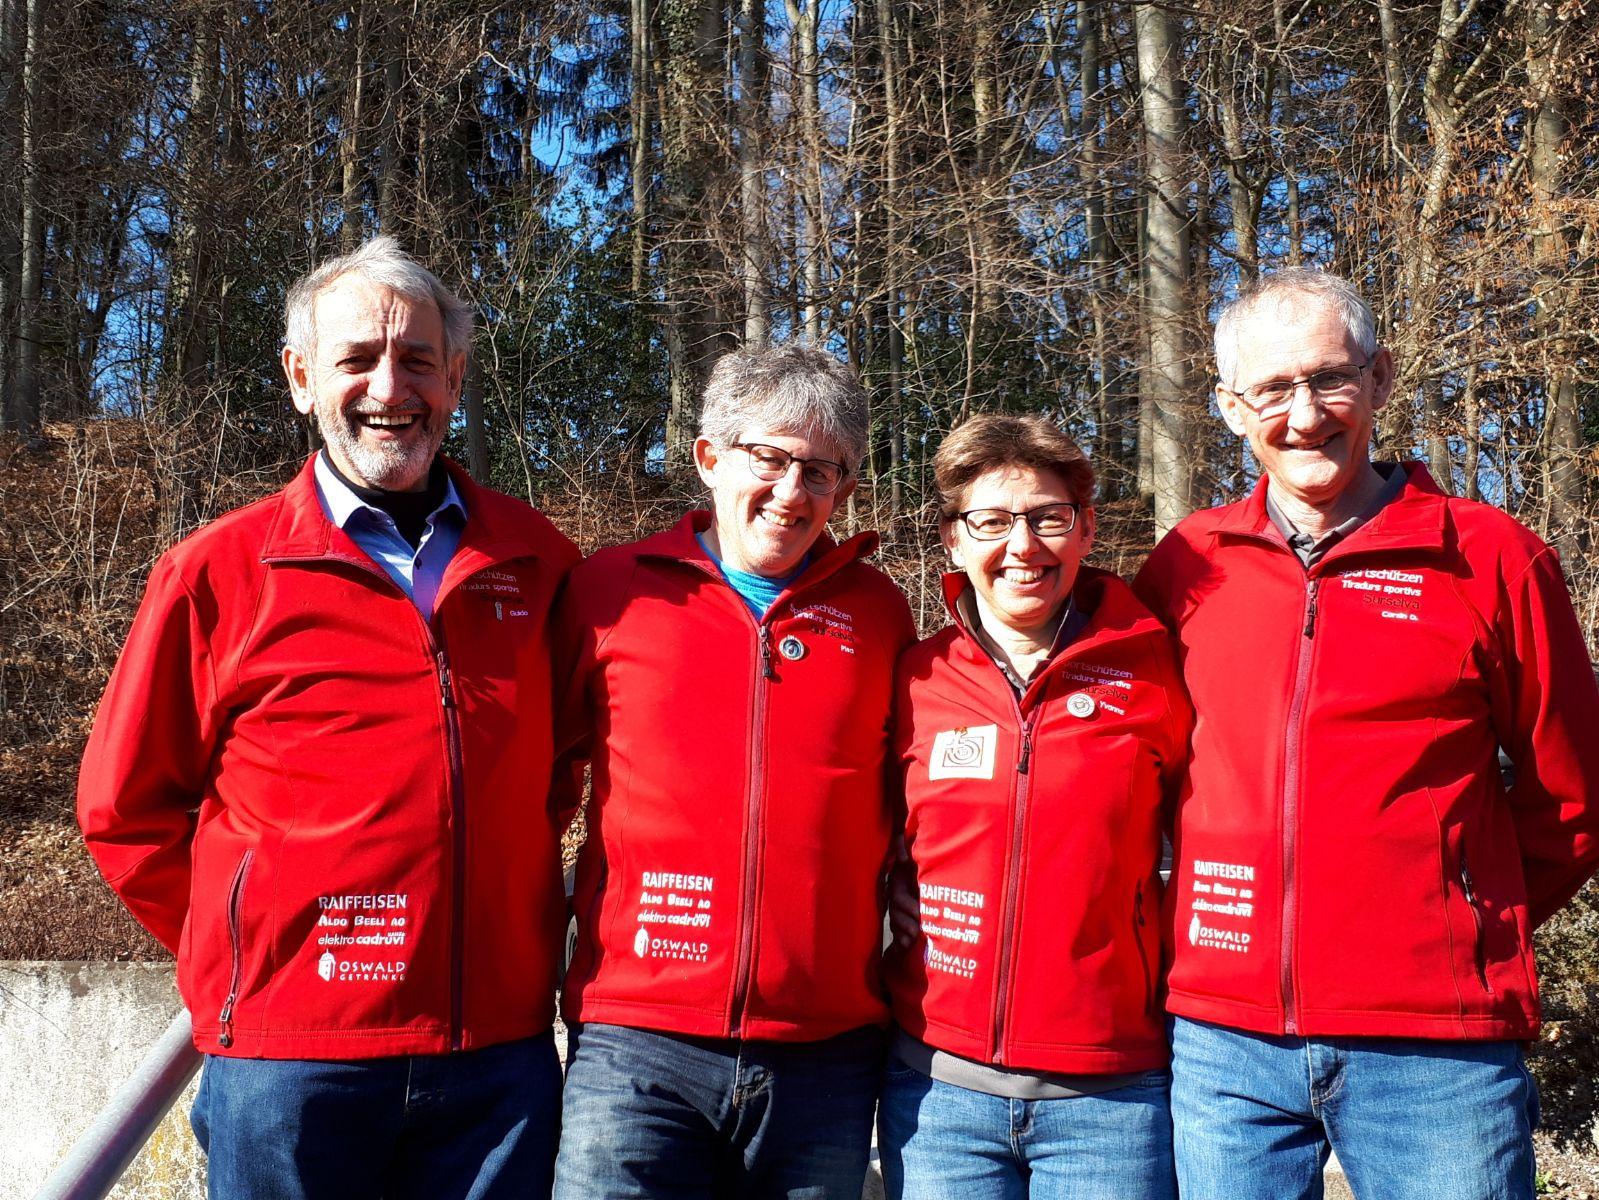 Wetswil Final - unsere Vereinsteilnehmer Guido, Placi, Yvonne und Corsin D.